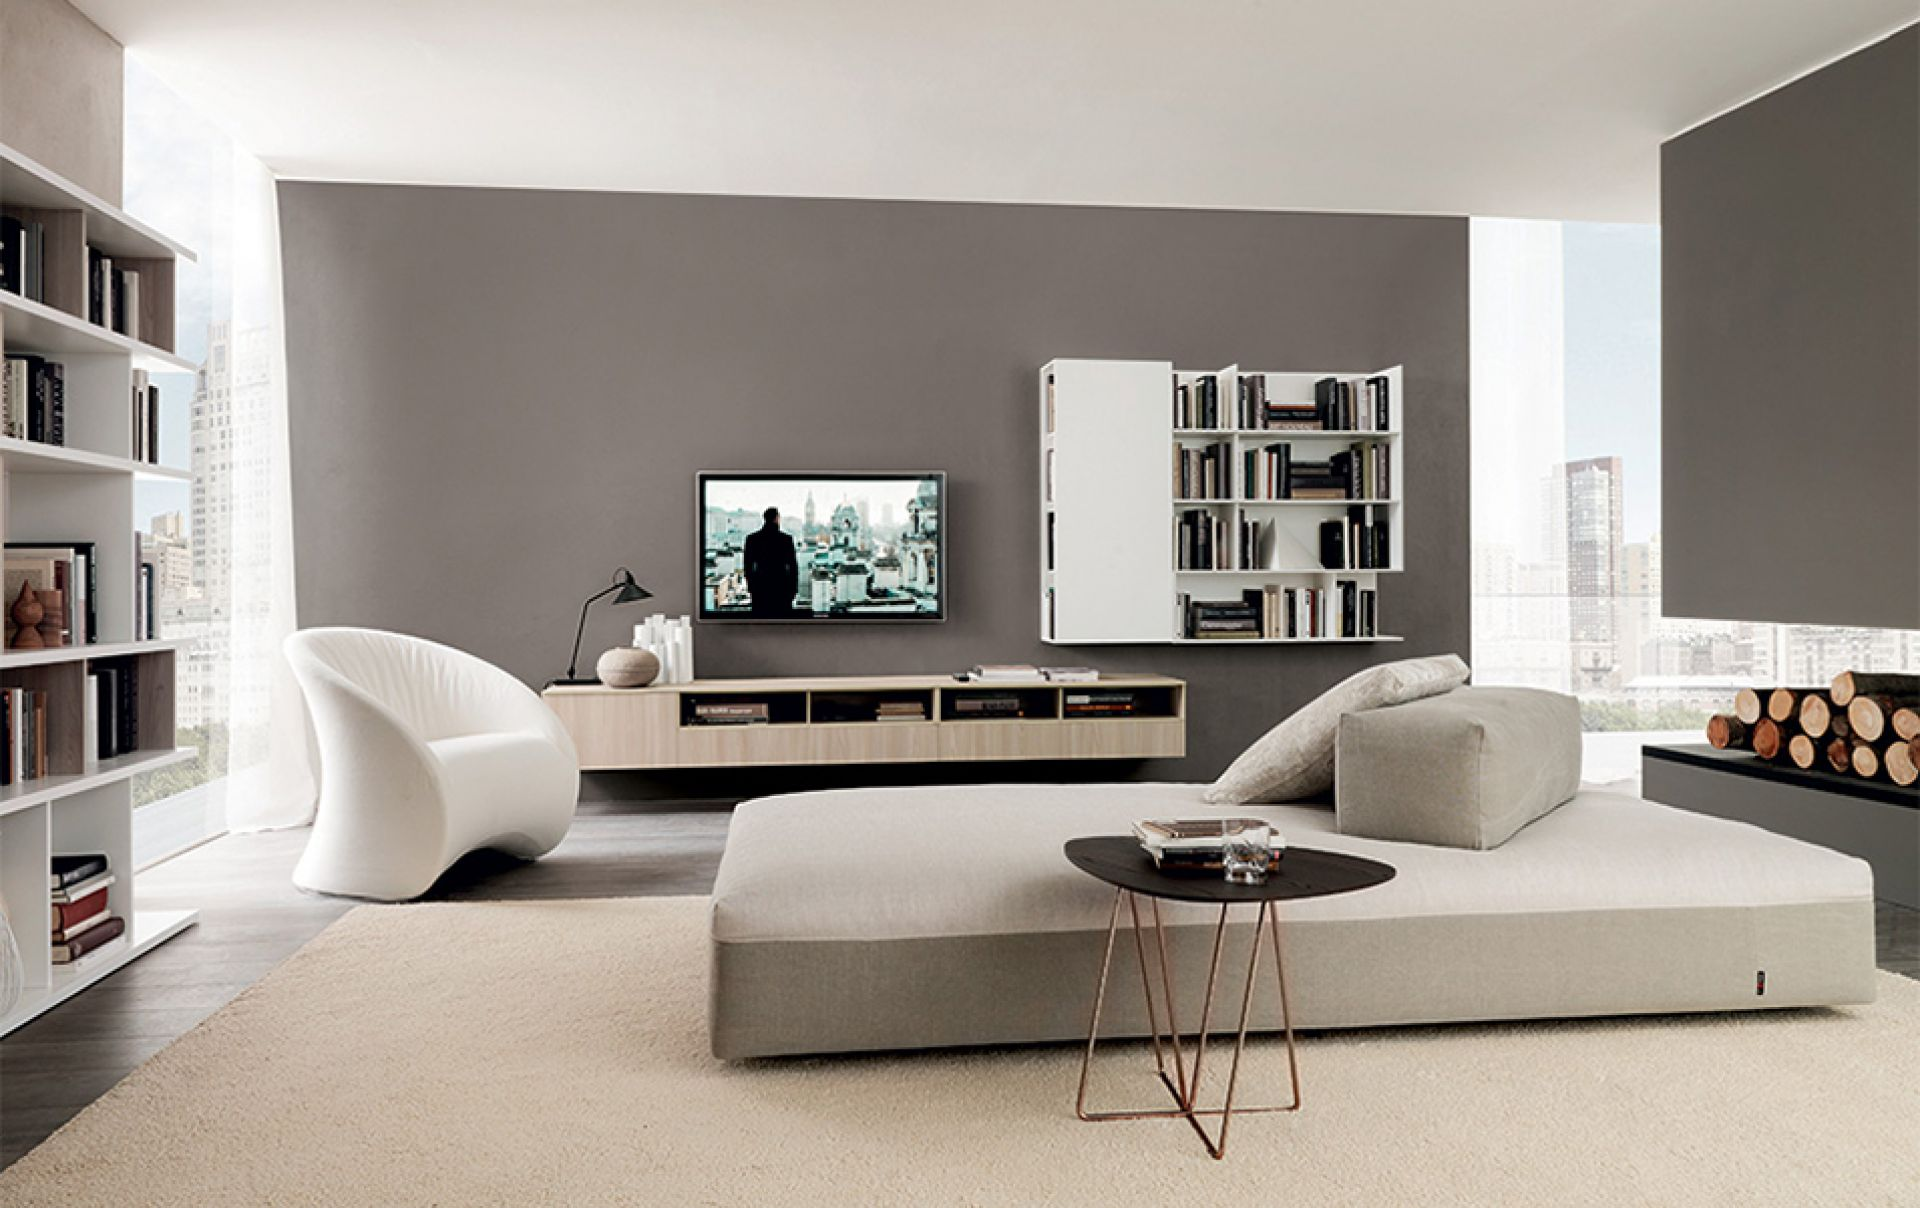 Soggiorni moderni bergamo abc interni for Immagini soggiorno moderno